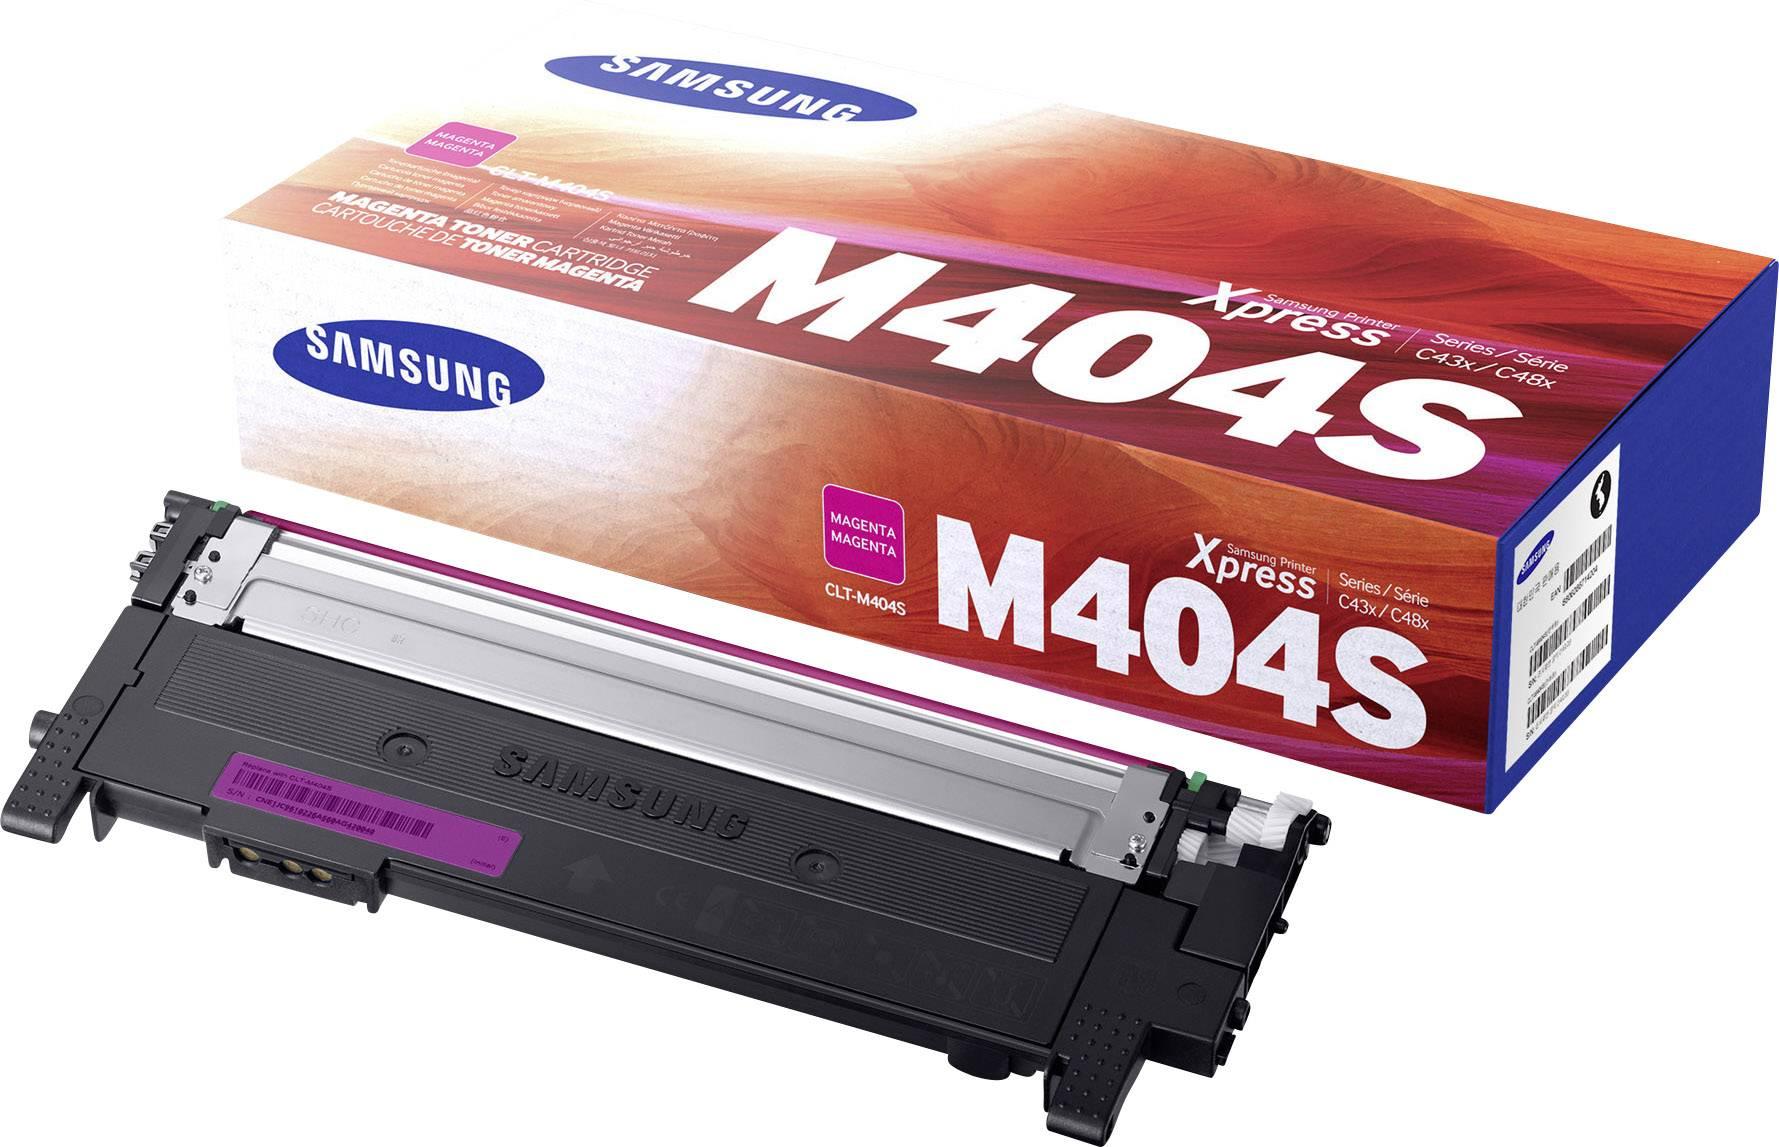 4x PRO Cartuccia sostituisce Samsung clt-p404c clt-p404c//els